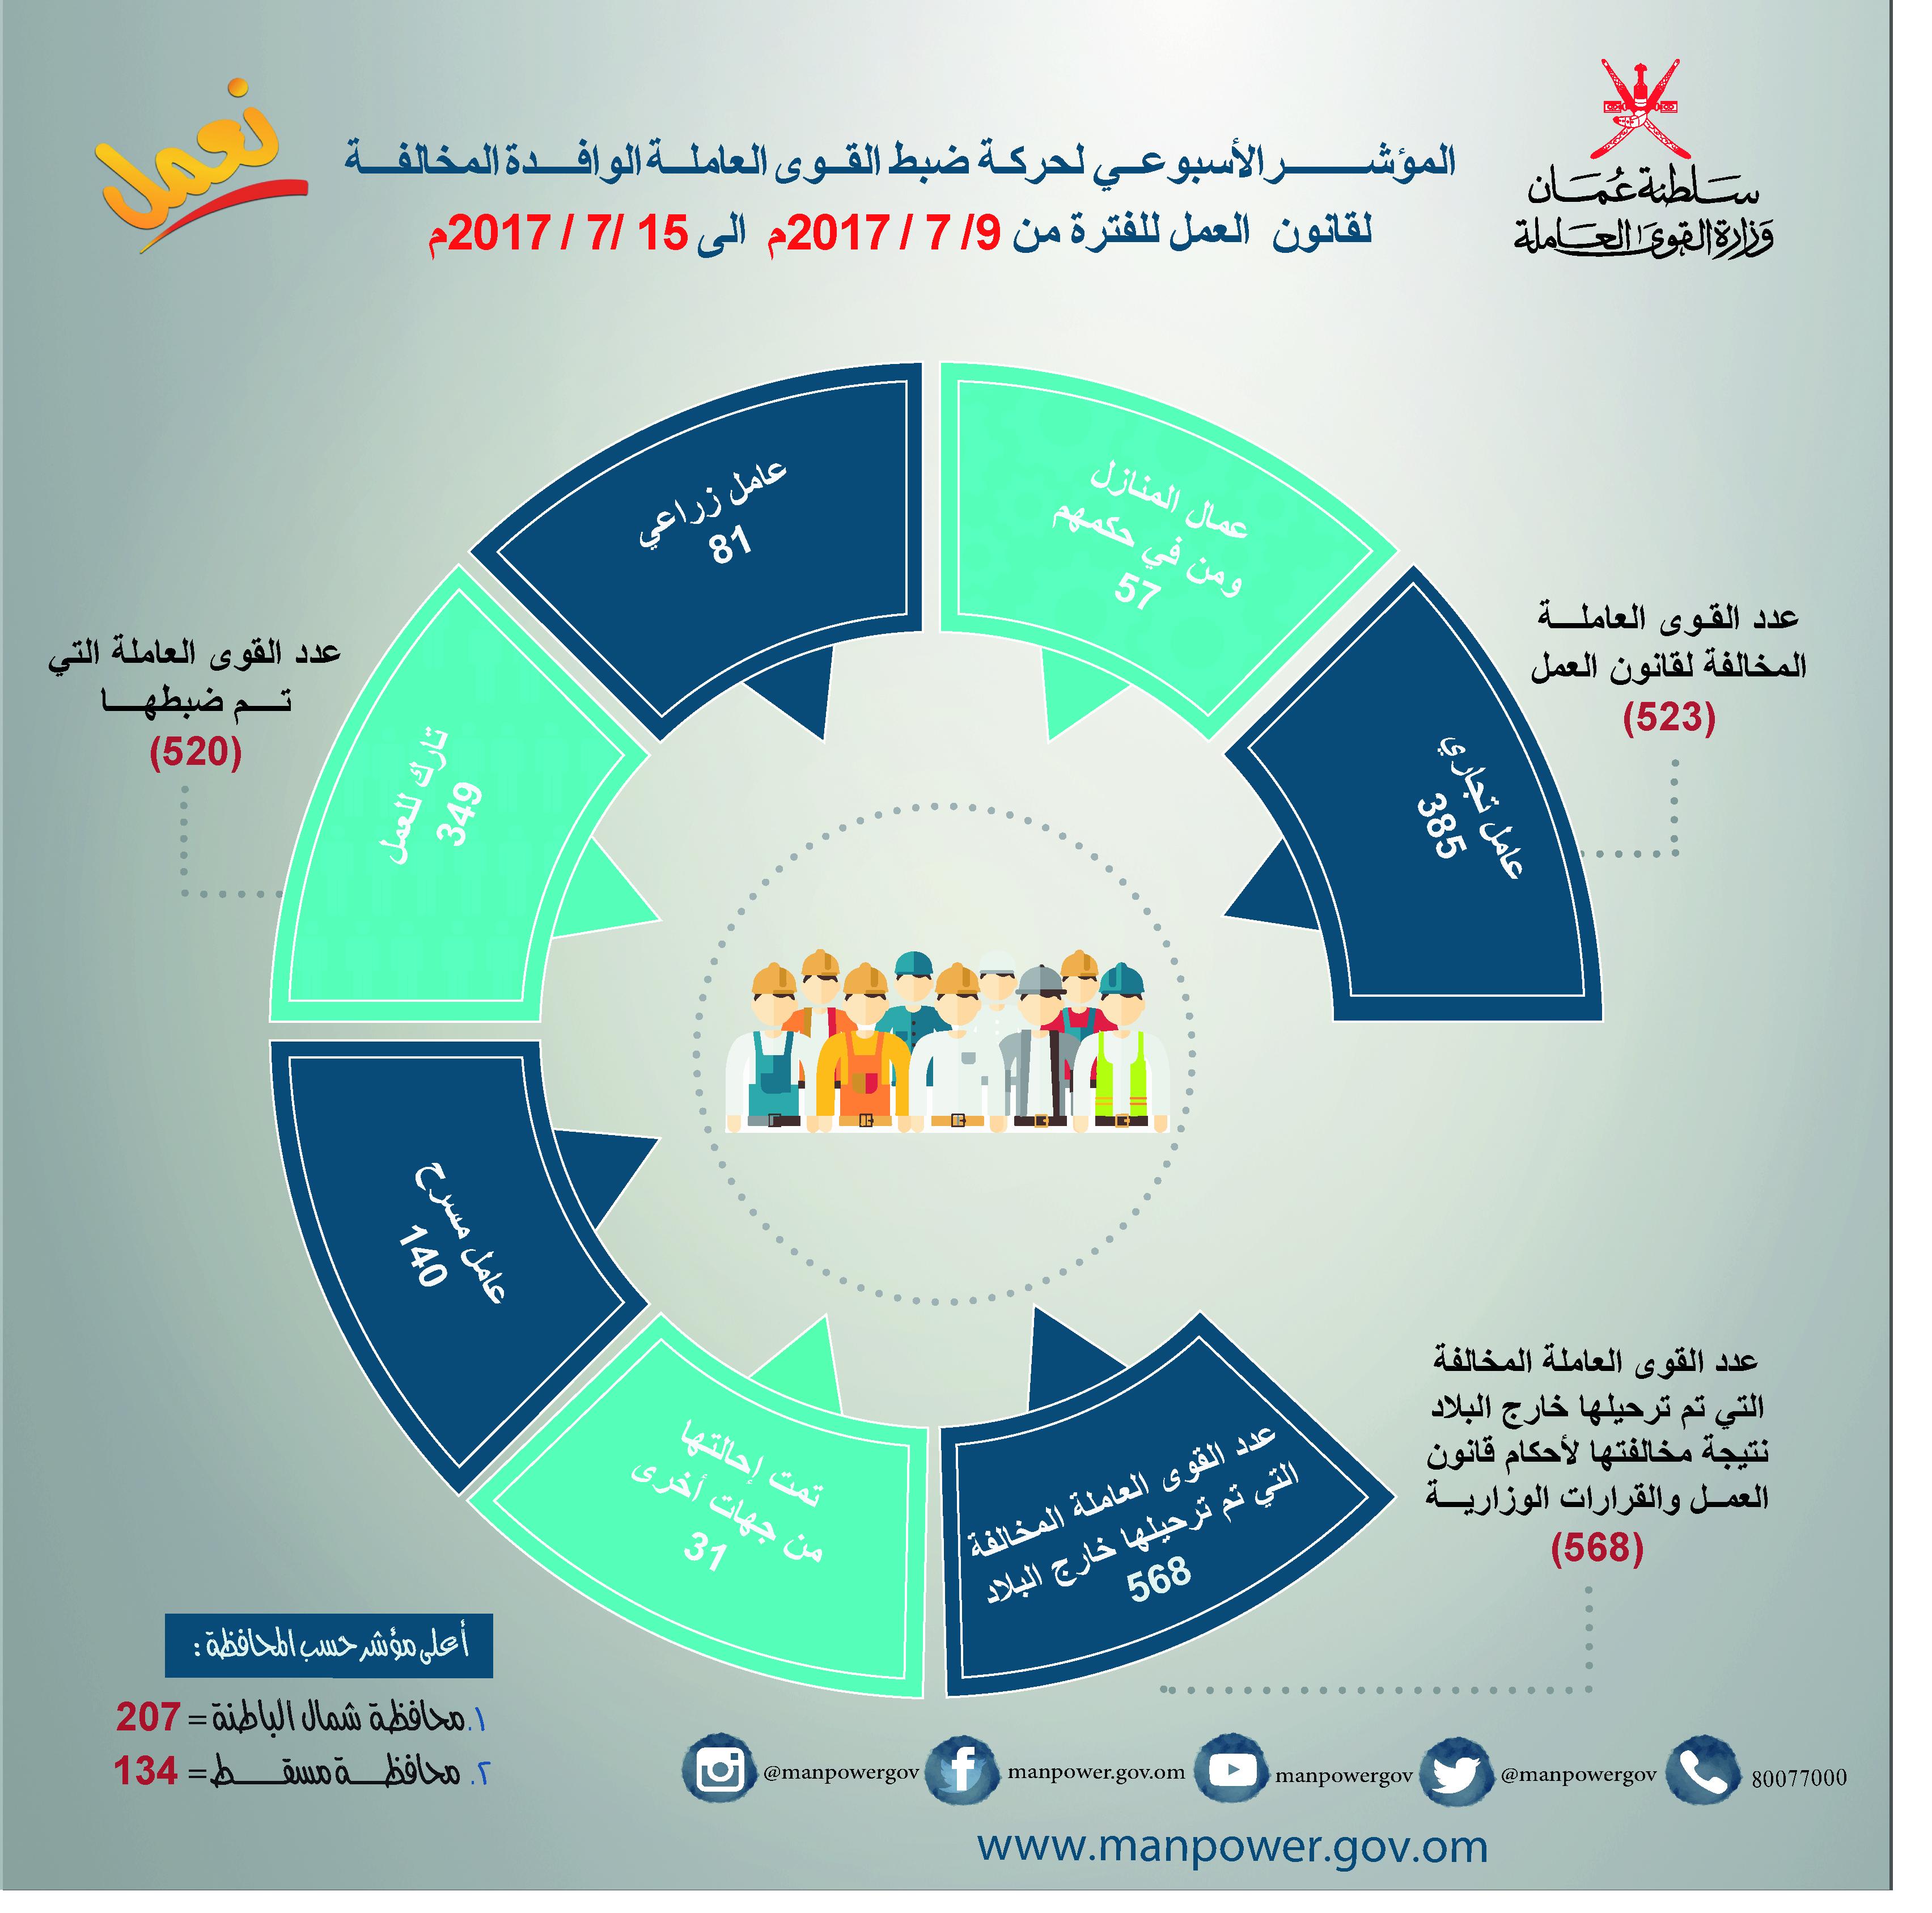 523 عاملاً مخالفاً لأحكام قانون العمل الأسبوع الفائت